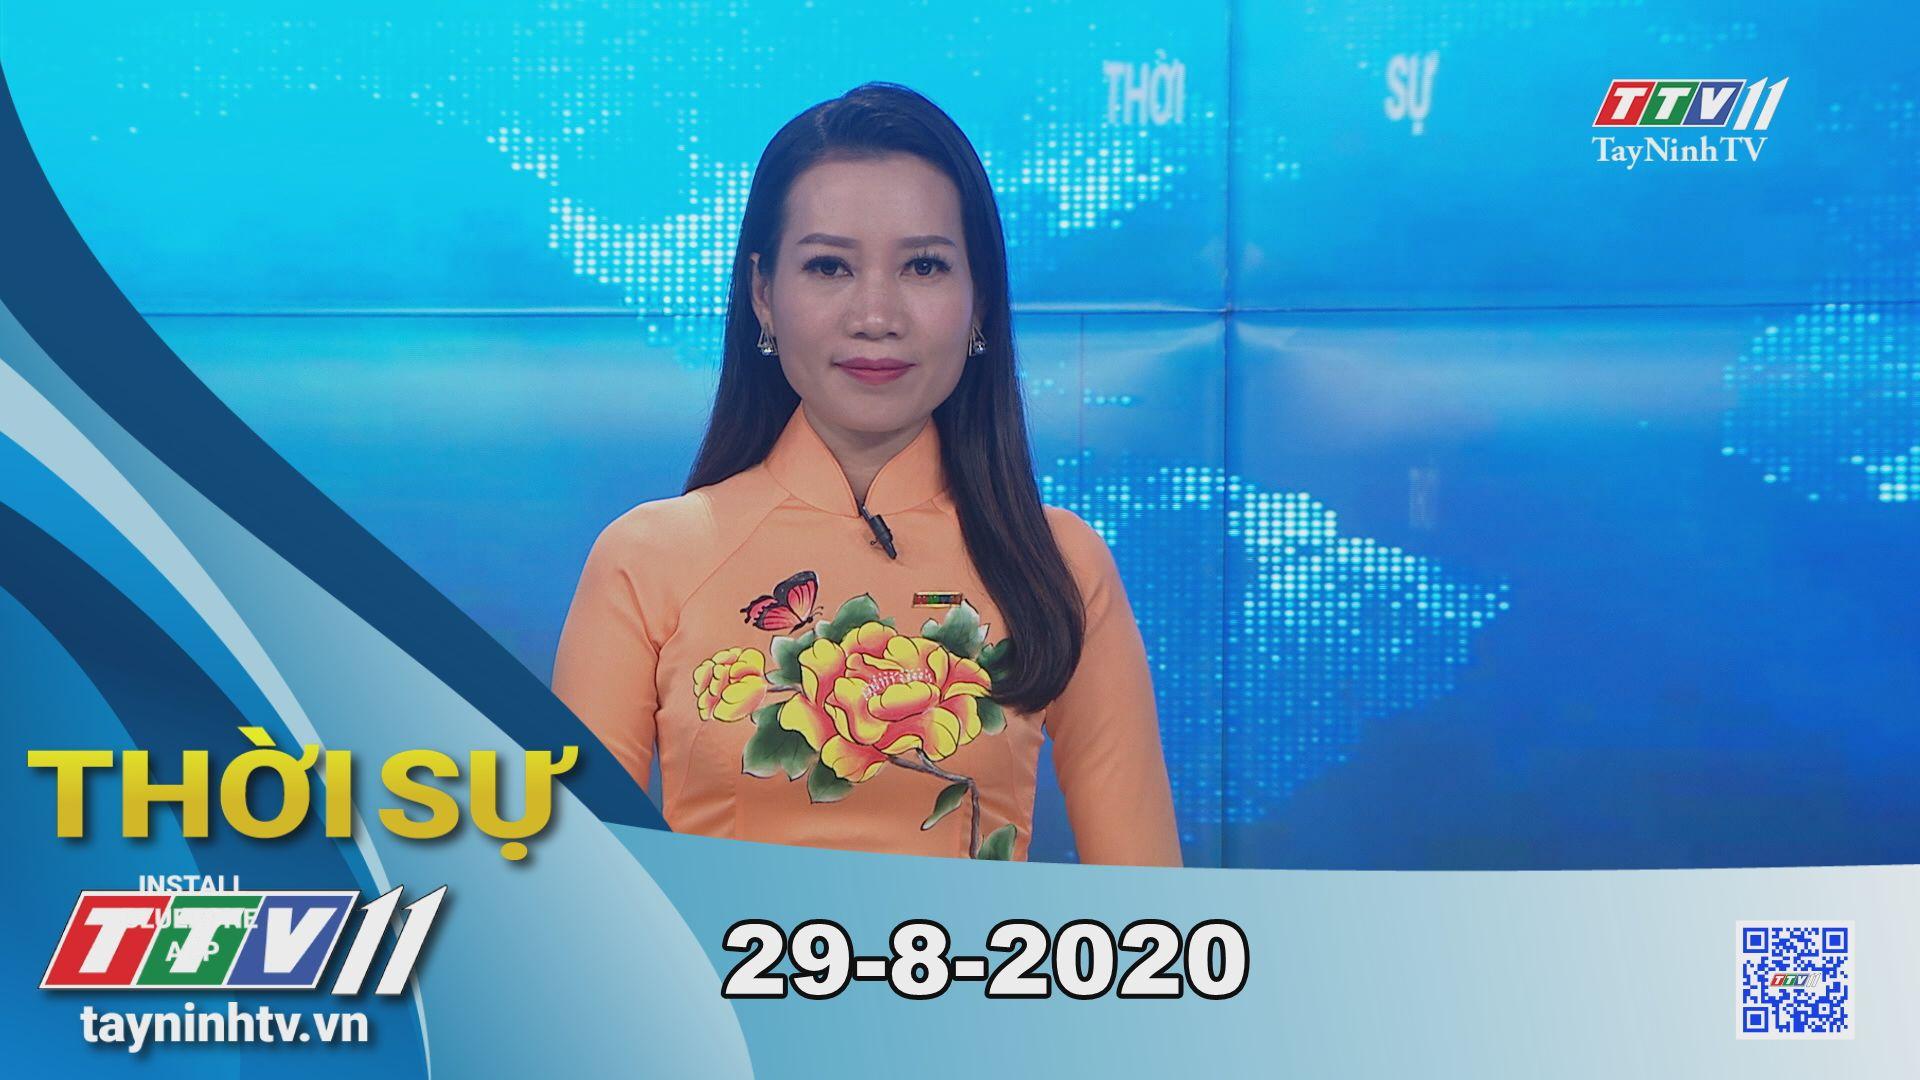 Thời sự Tây Ninh 29-8-2020 | Tin tức hôm nay | TayNinhTV